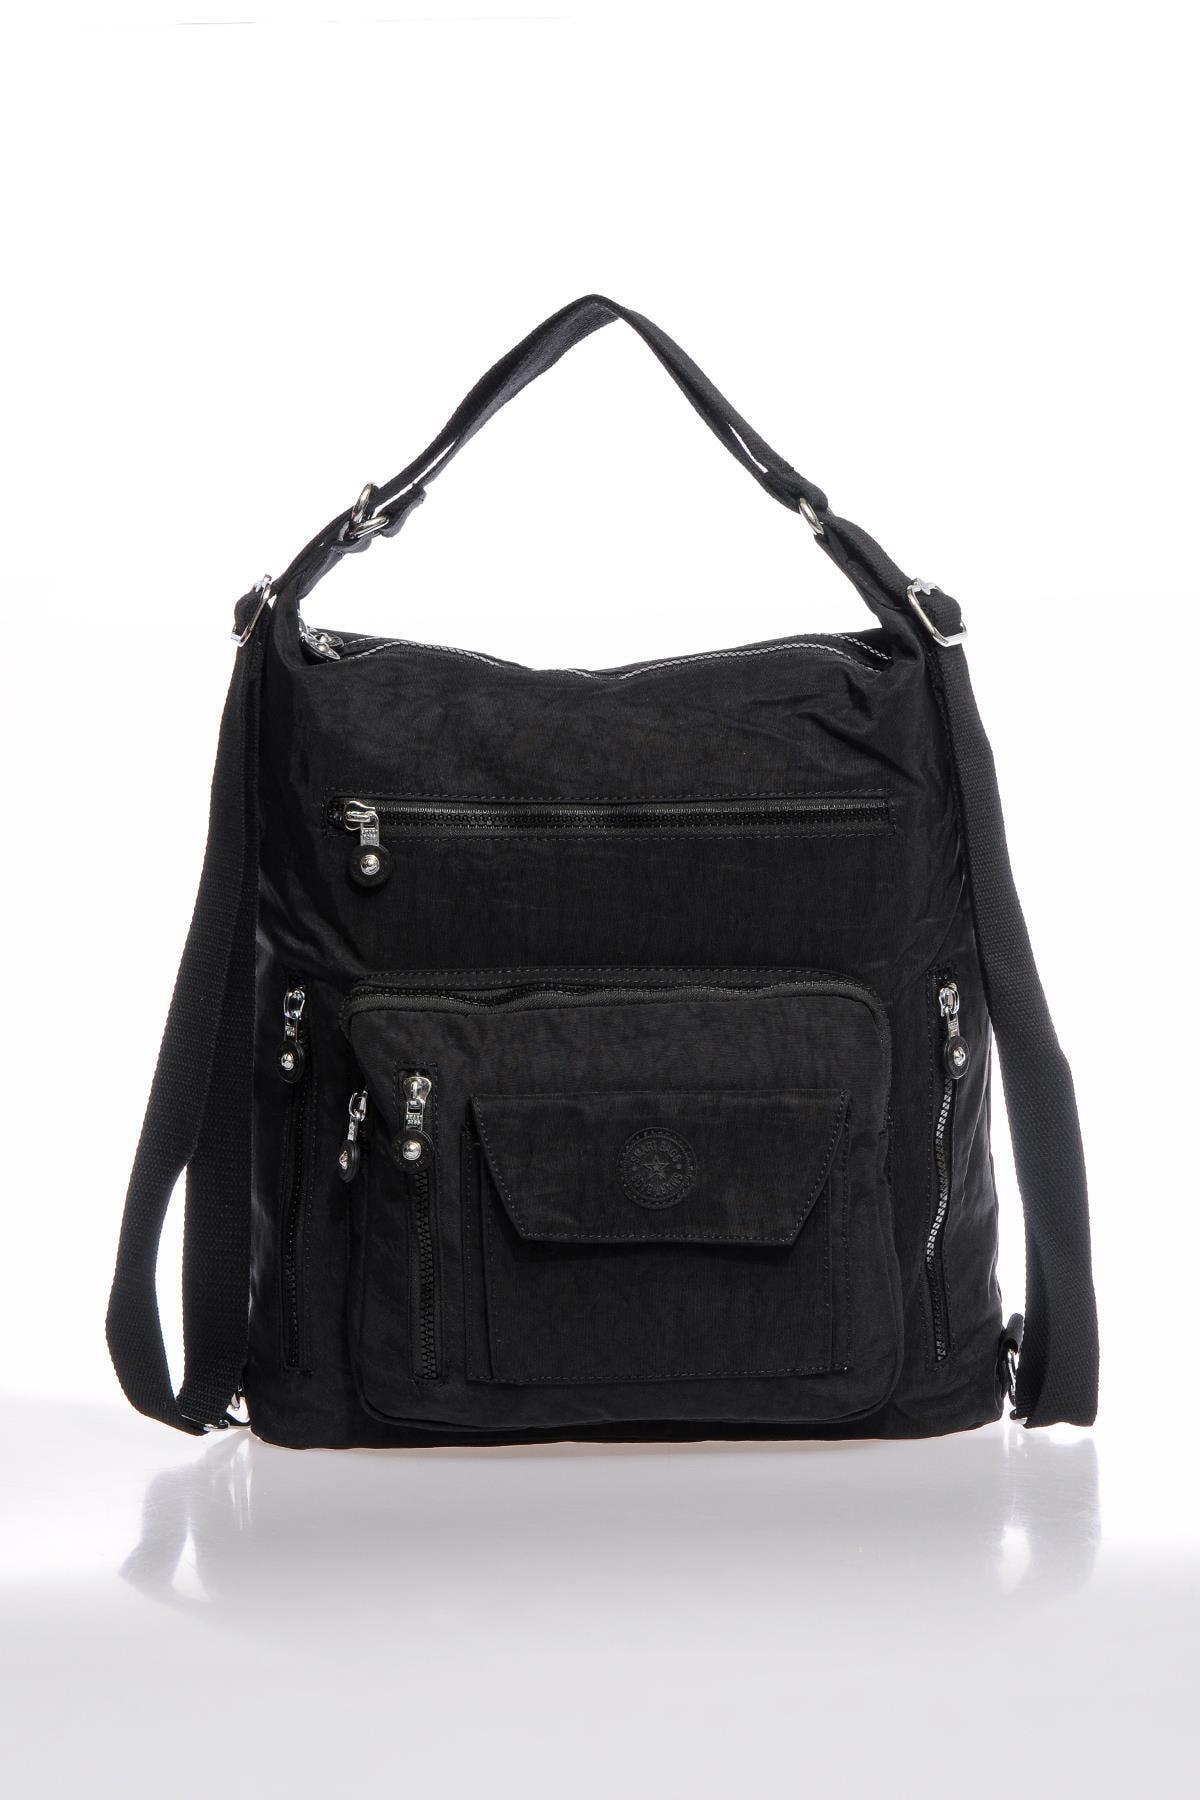 SMART BAGS Smbky1205-0001 Siyah Kadın Omuz Ve Sırt Çantası 2